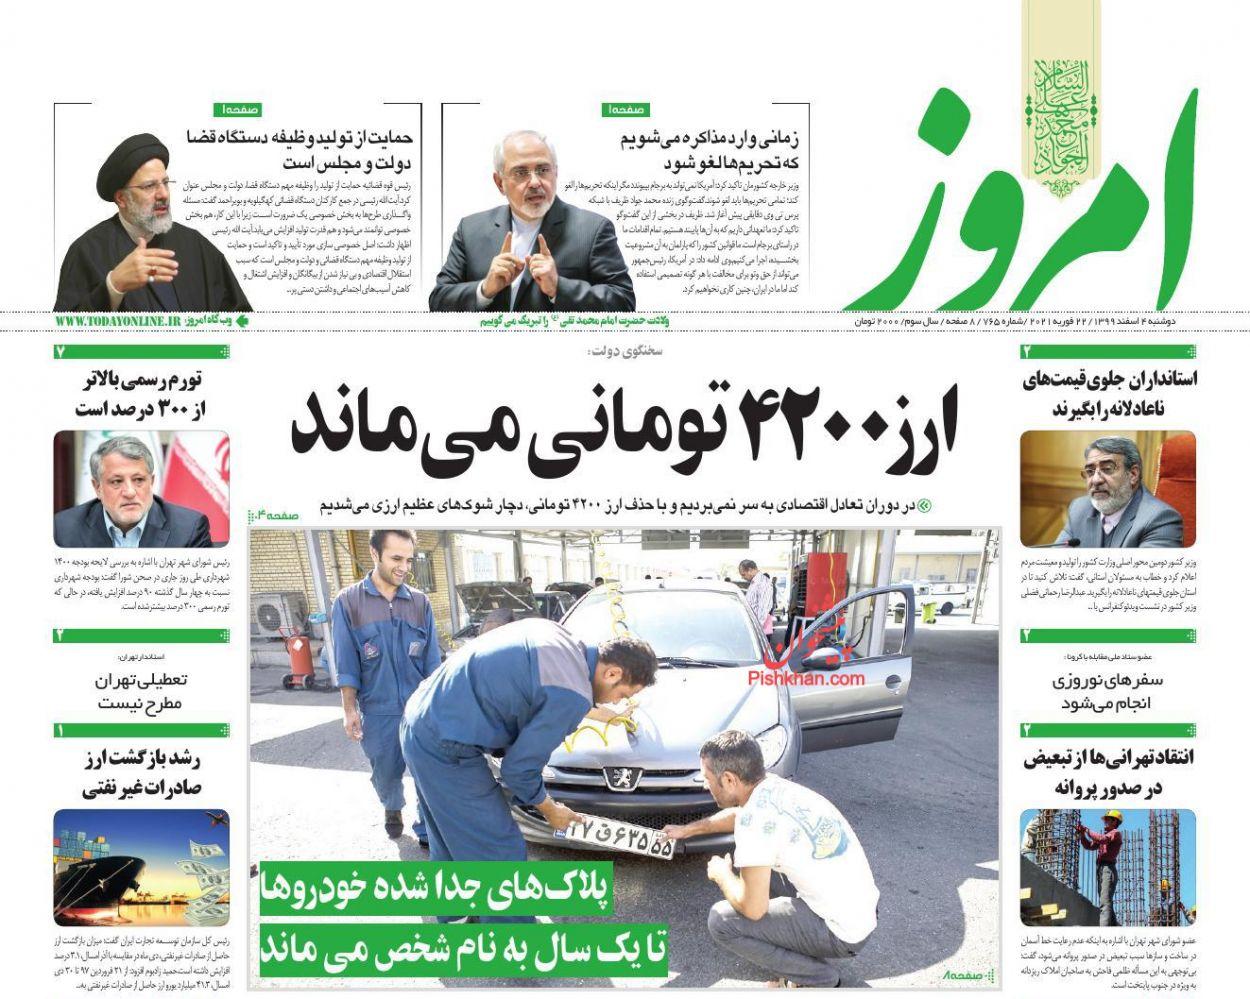 عناوین اخبار روزنامه امروز در روز دوشنبه ۴ اسفند